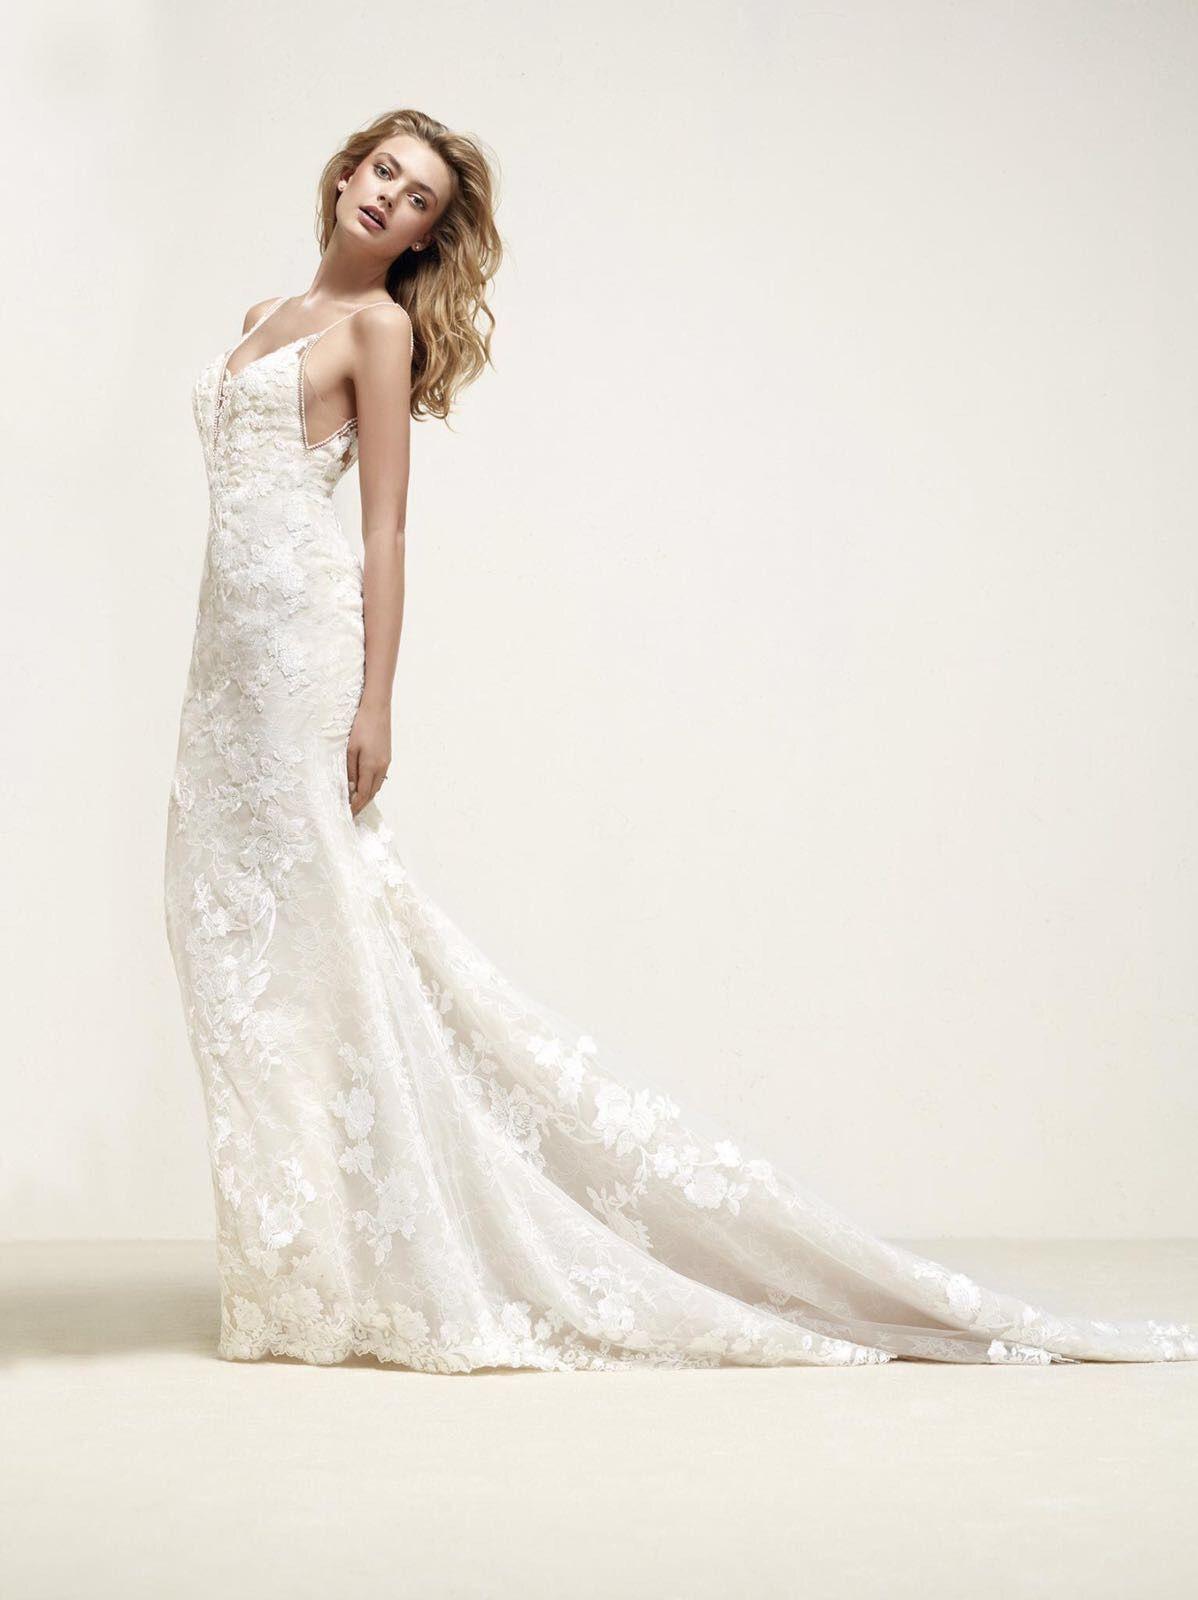 478b3418776c Drift: Suknia ślubna z koronki, która gra główną rolę - Pronovias